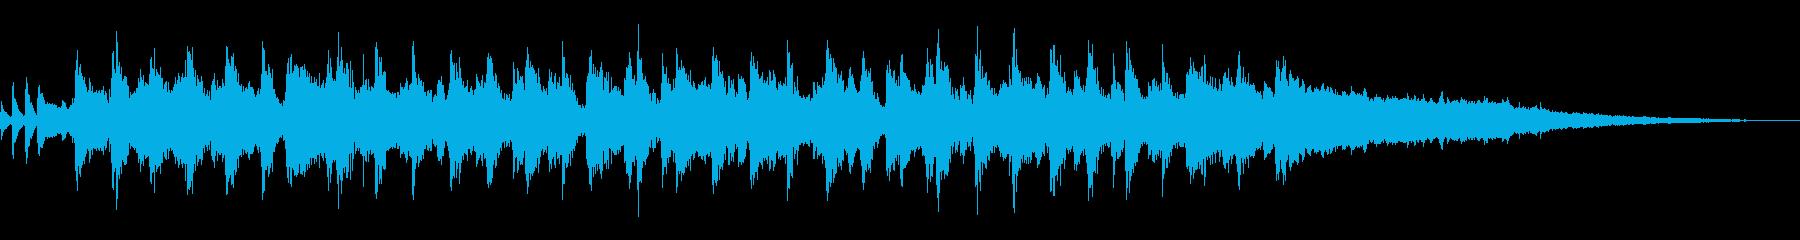 カズー/明るい・楽しいポップBGM短尺の再生済みの波形